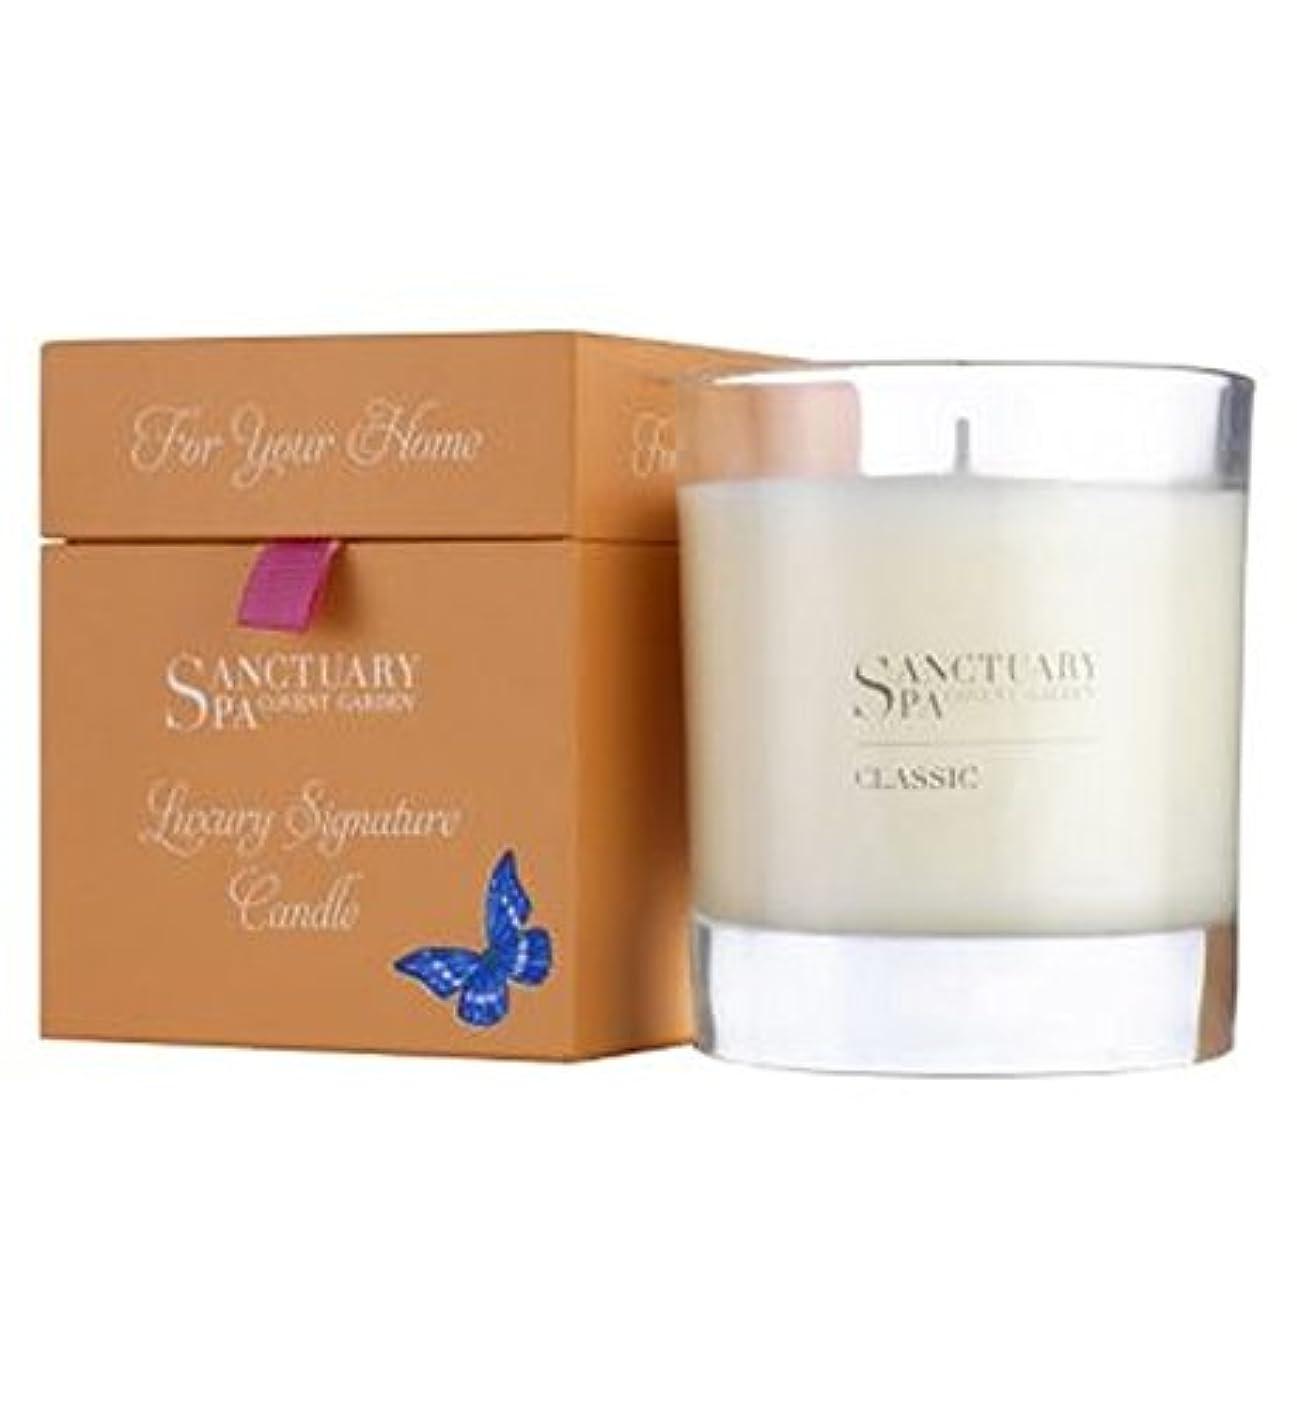 可動式ゲージ公園聖域のクラシックフレグランスキャンドル (Sanctuary) (x2) - Sanctuary Classic Fragranced Candle (Pack of 2) [並行輸入品]